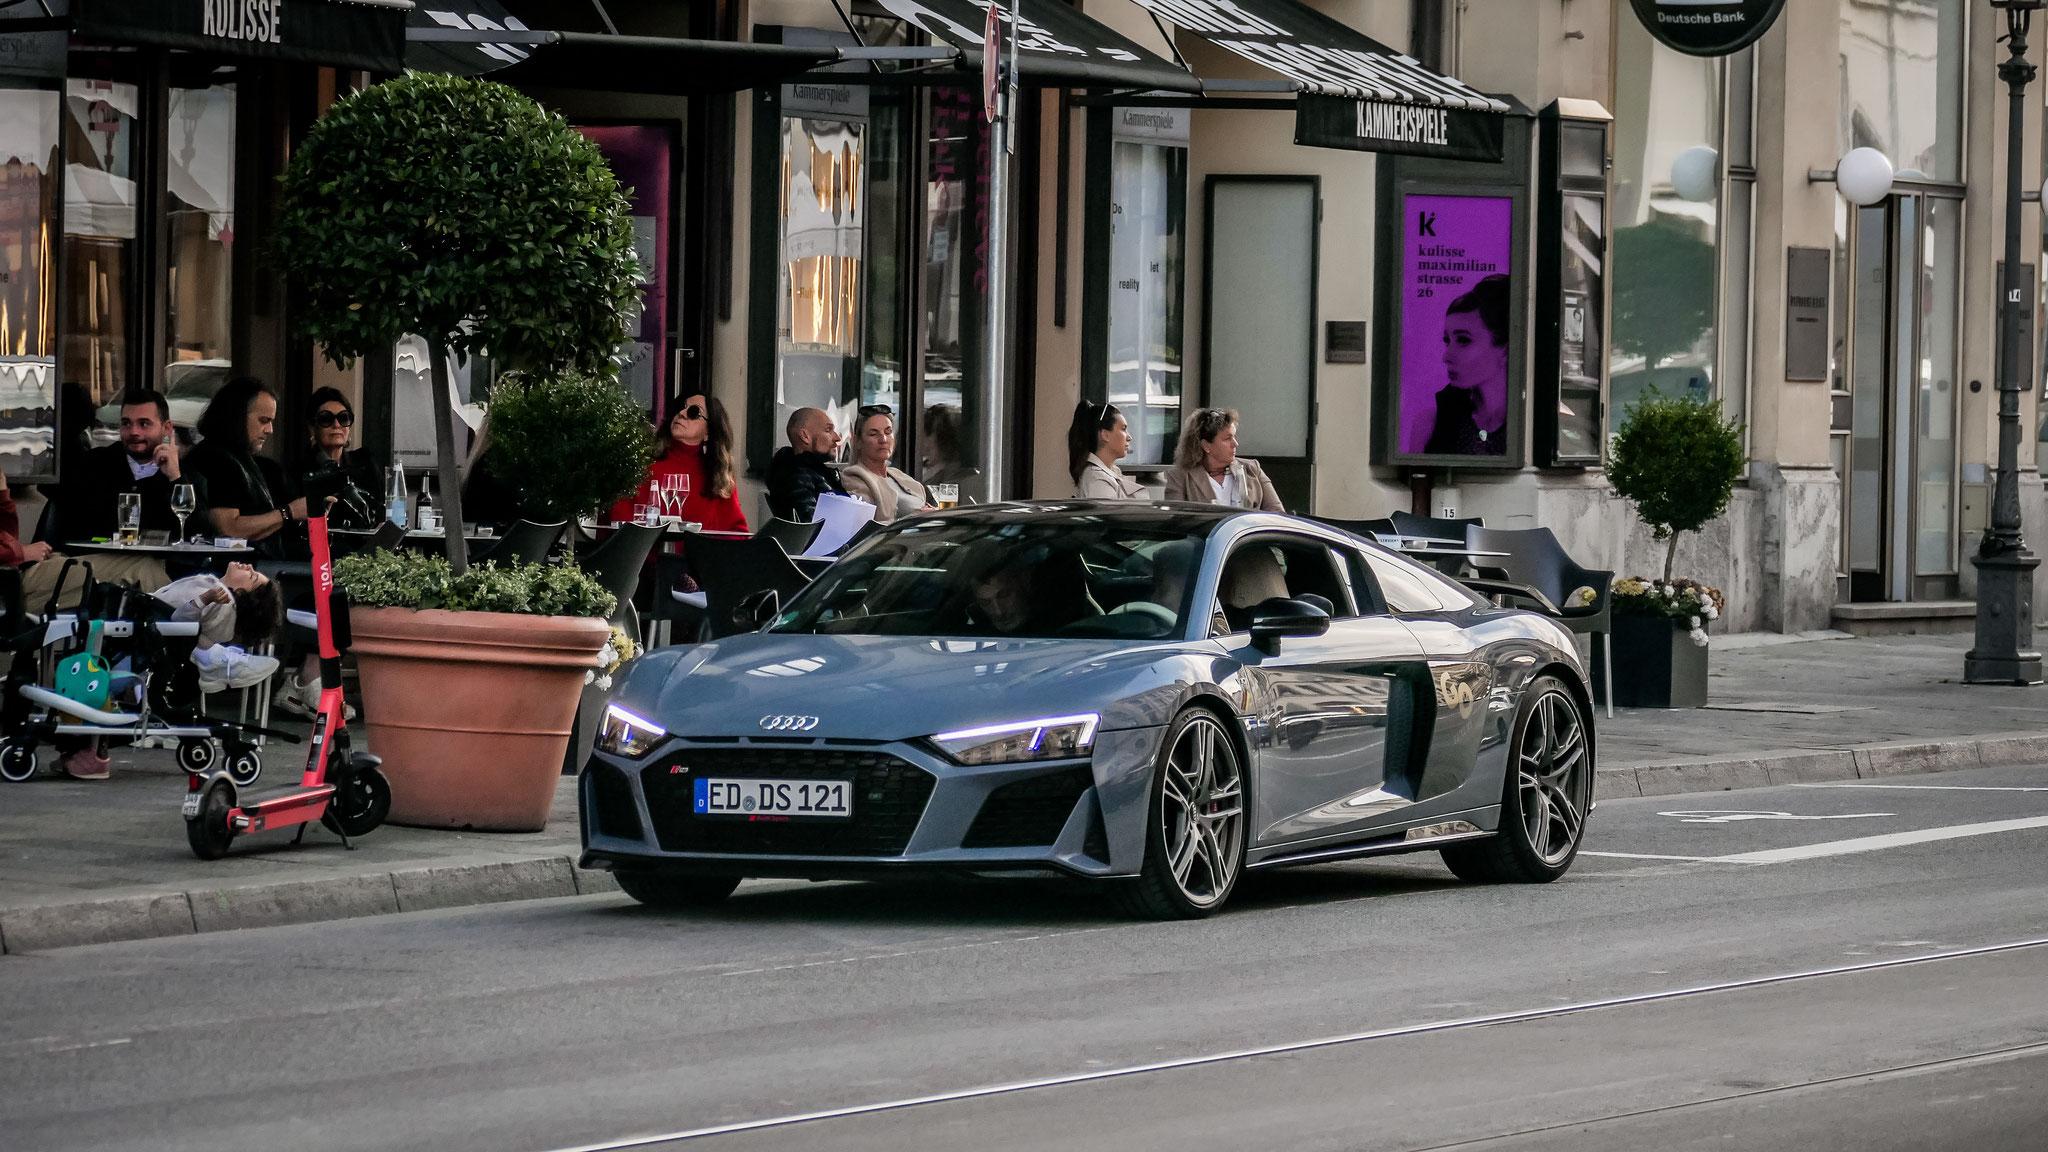 Audi R8 V10 - ED-DS-121